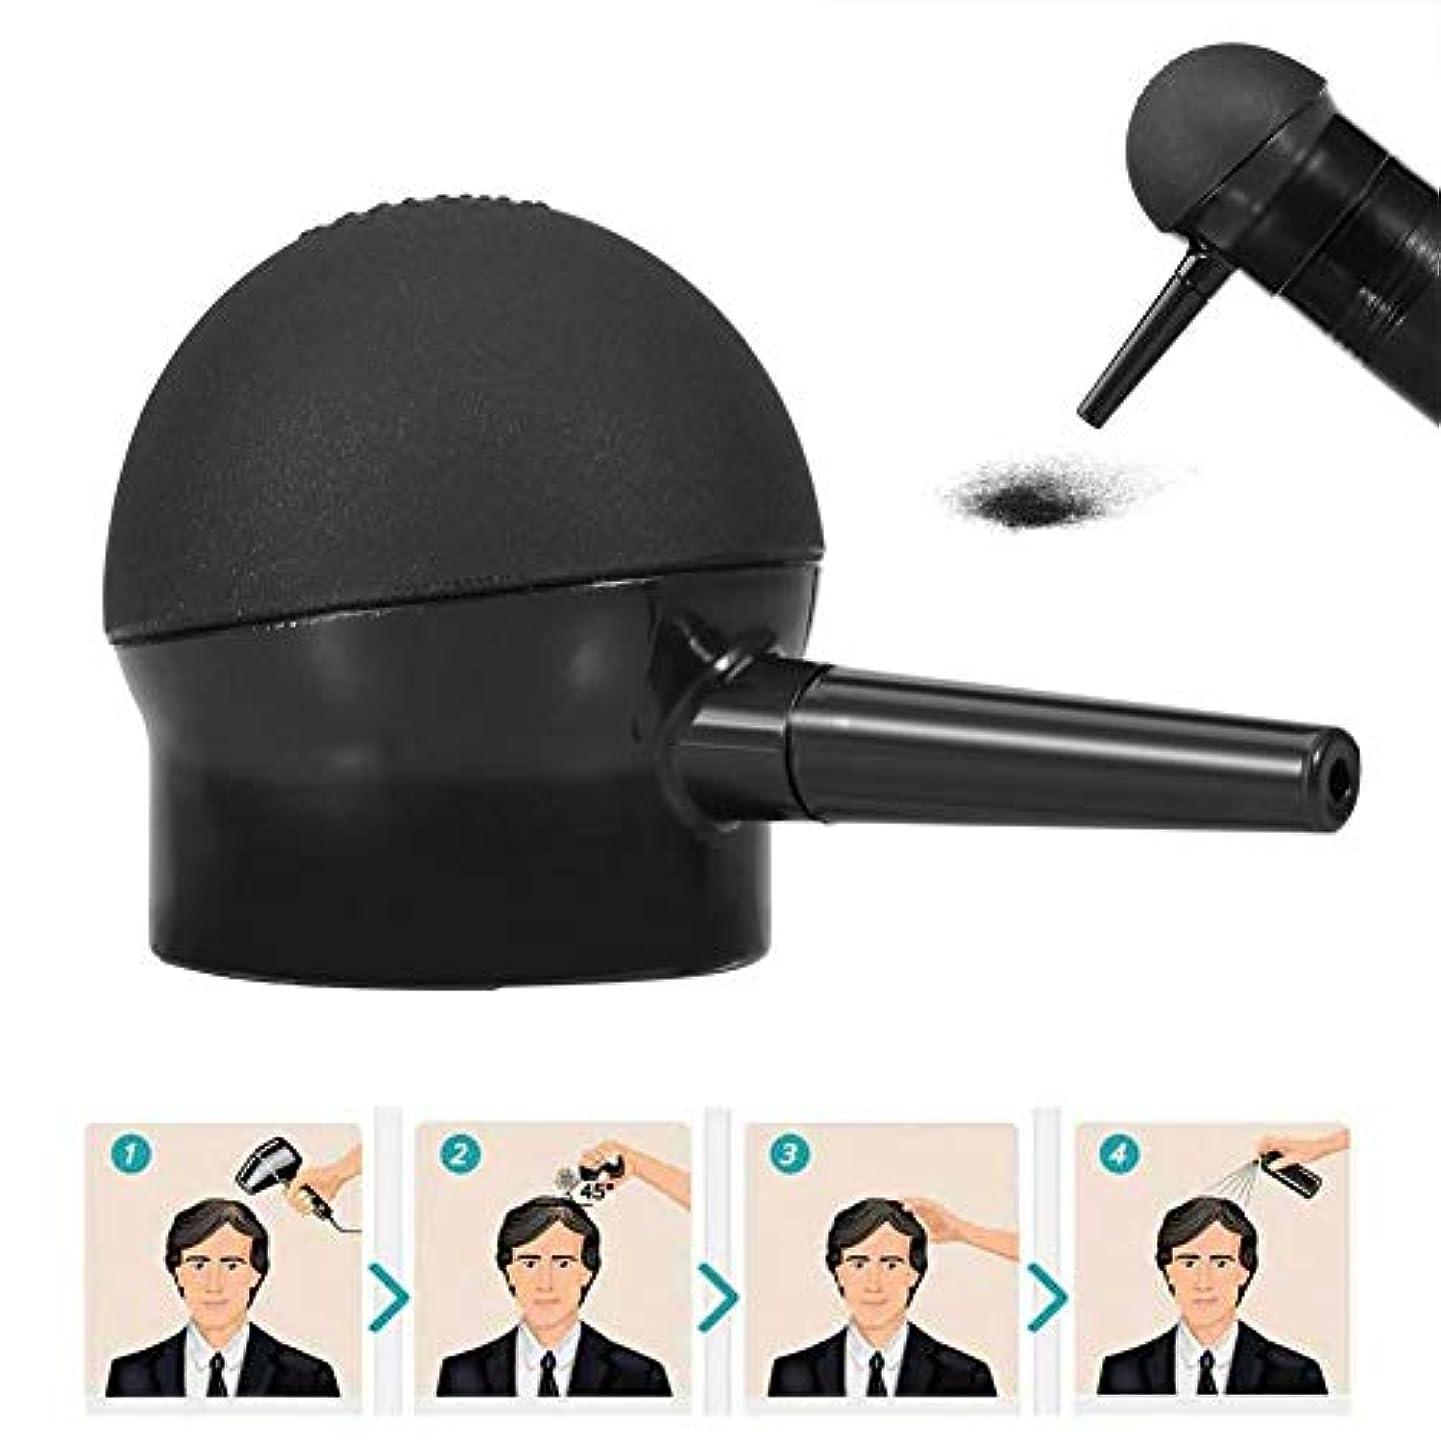 振り返る優遇細分化するヘアー 噴霧器、スプレー、アプリケーションヘア、ビルディング、ファイバー用ノズル、ヘア シックニング ツール